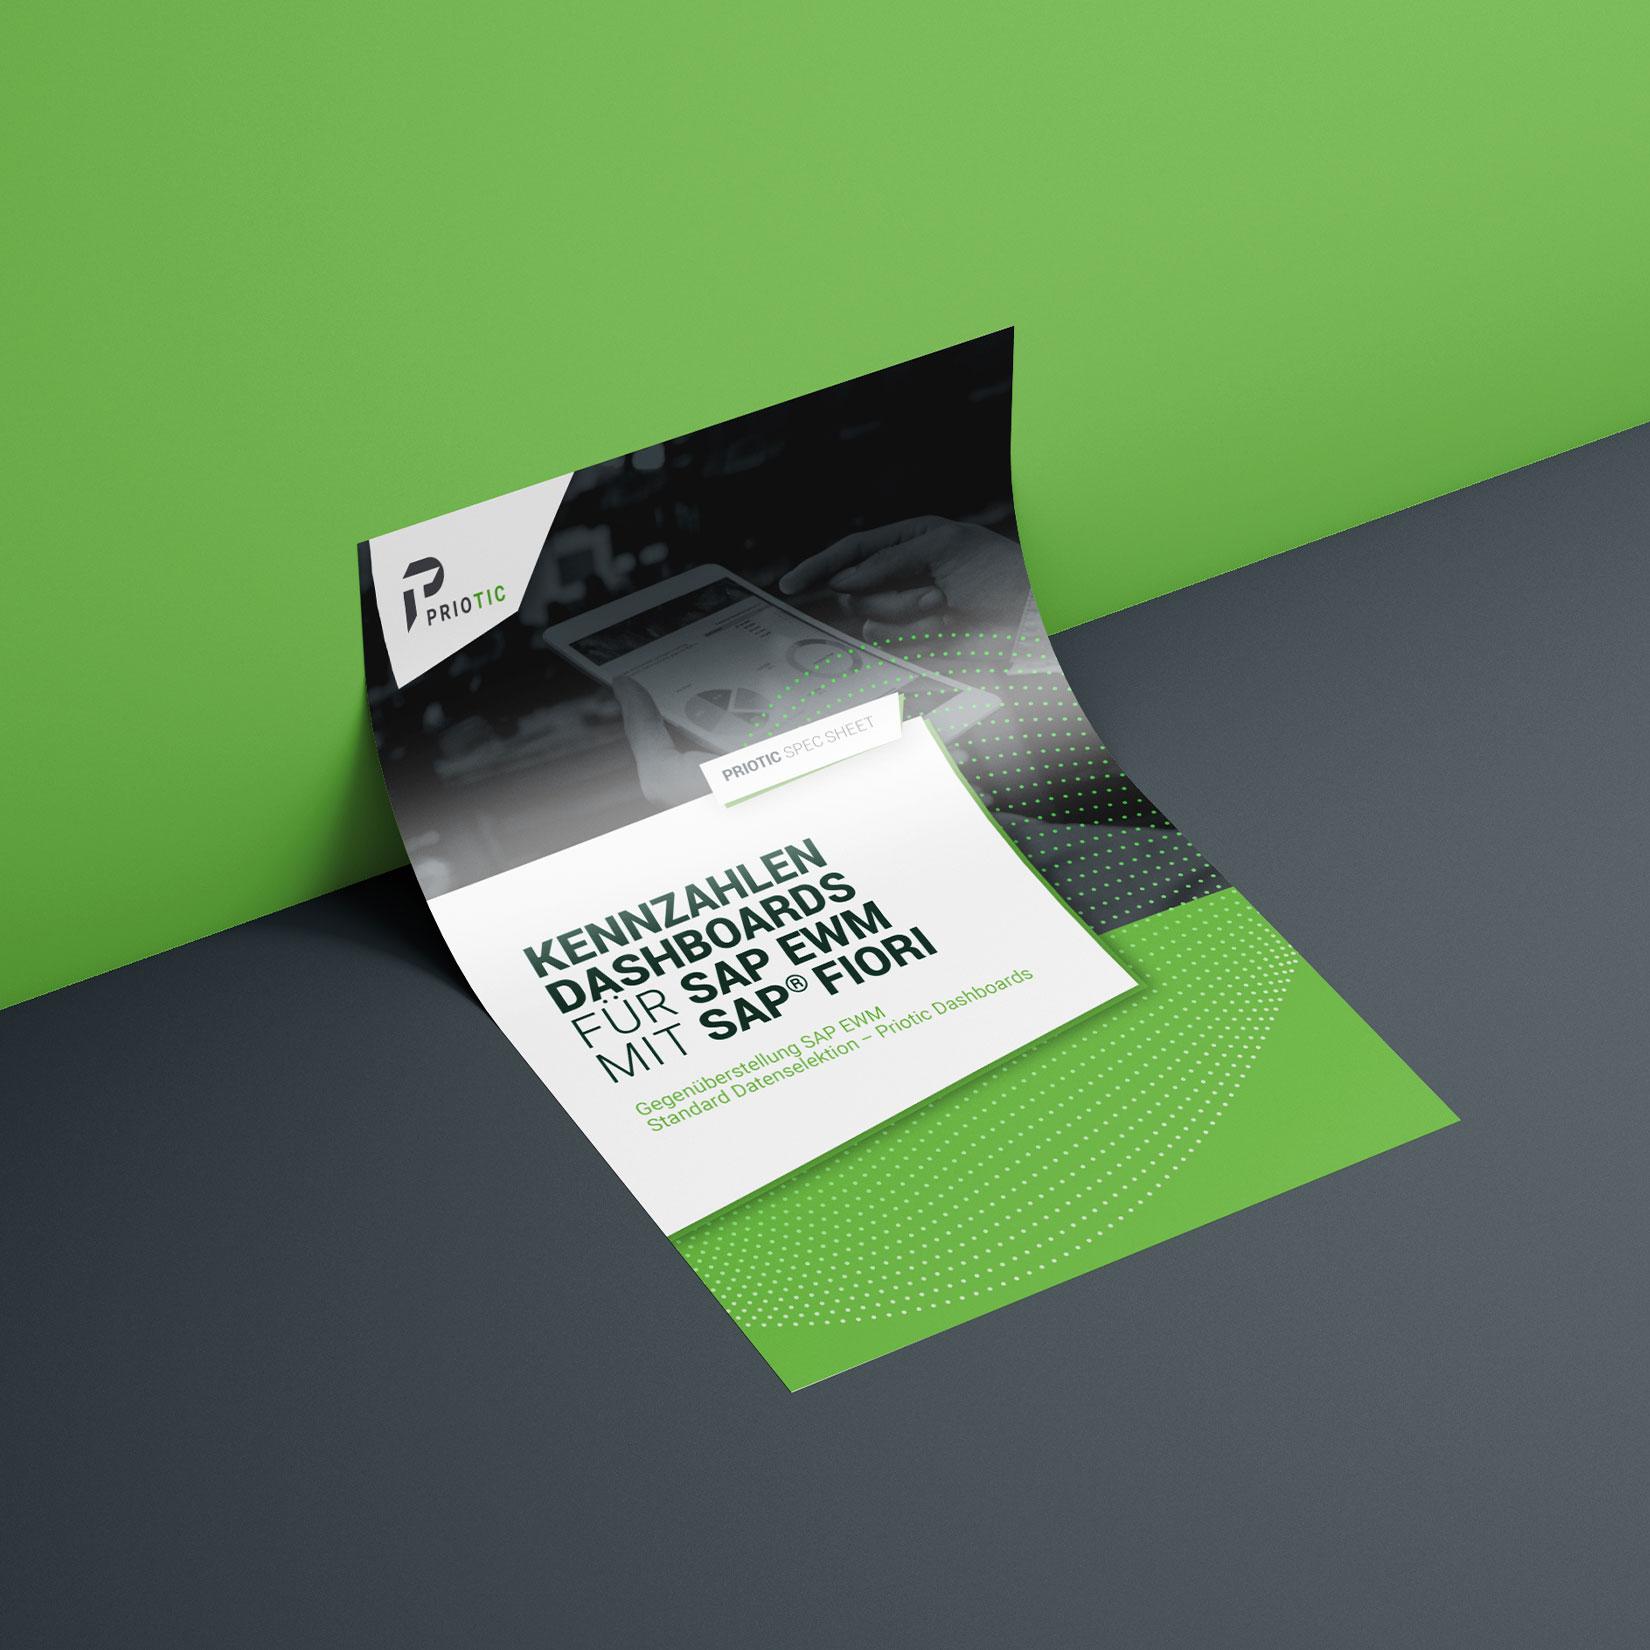 Priotic Corporate Design Spec Sheet